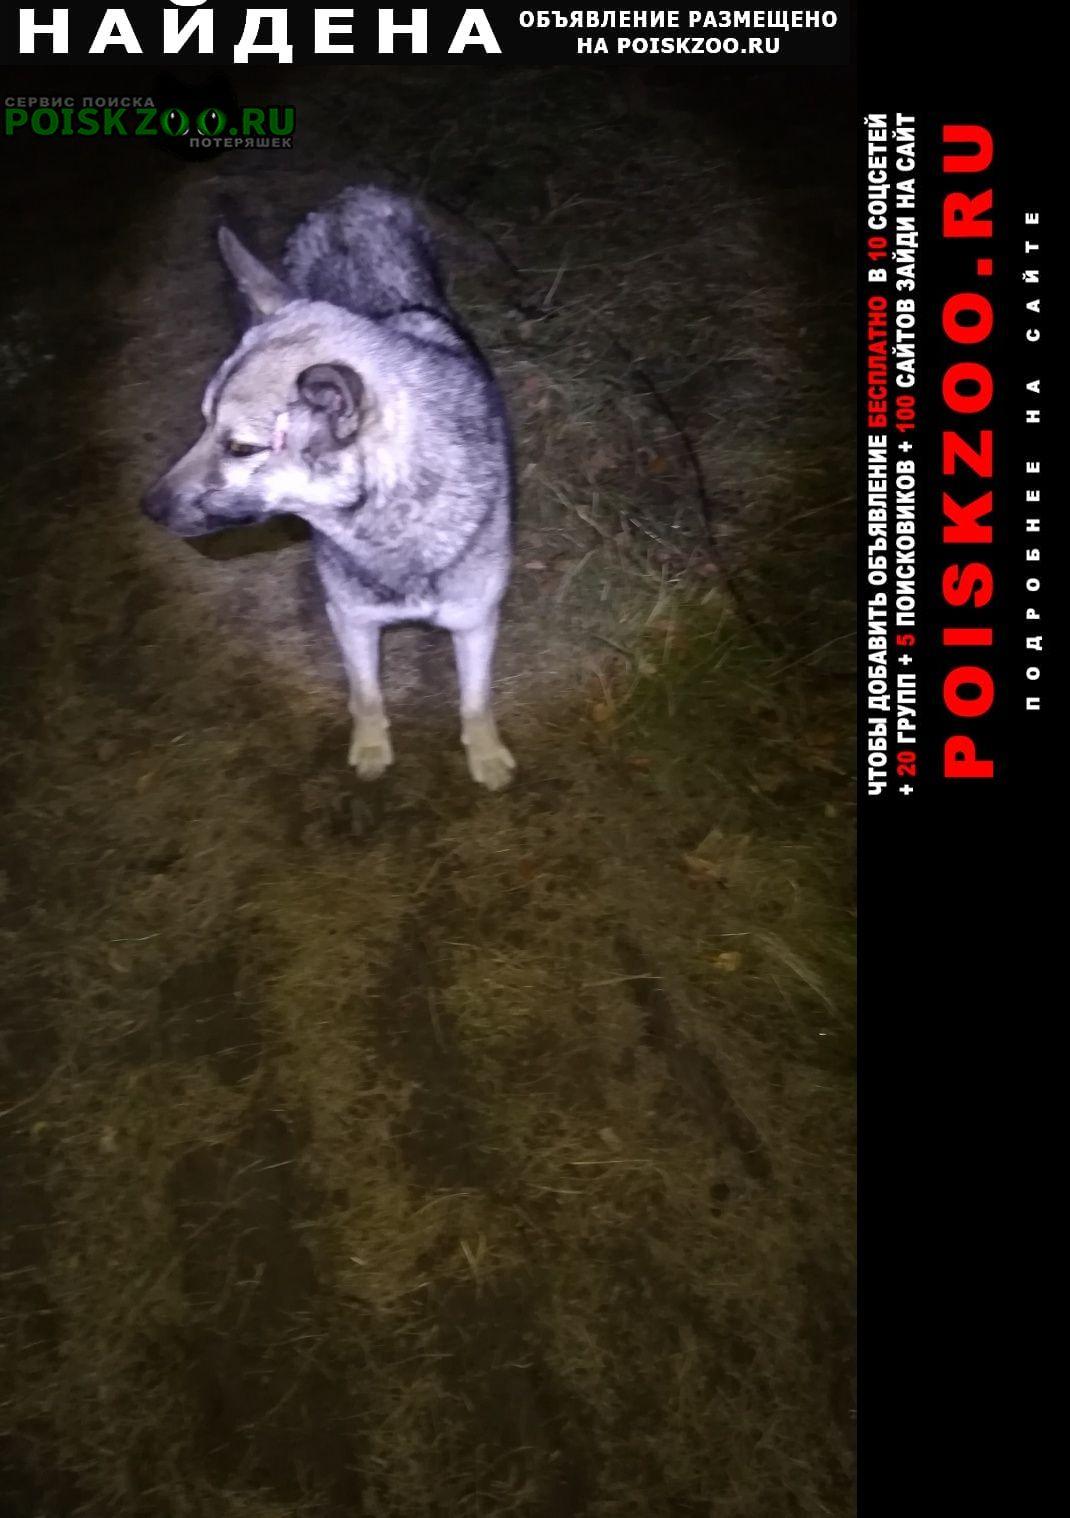 Ханты-Мансийск Найдена собака кобель ищет хозяина